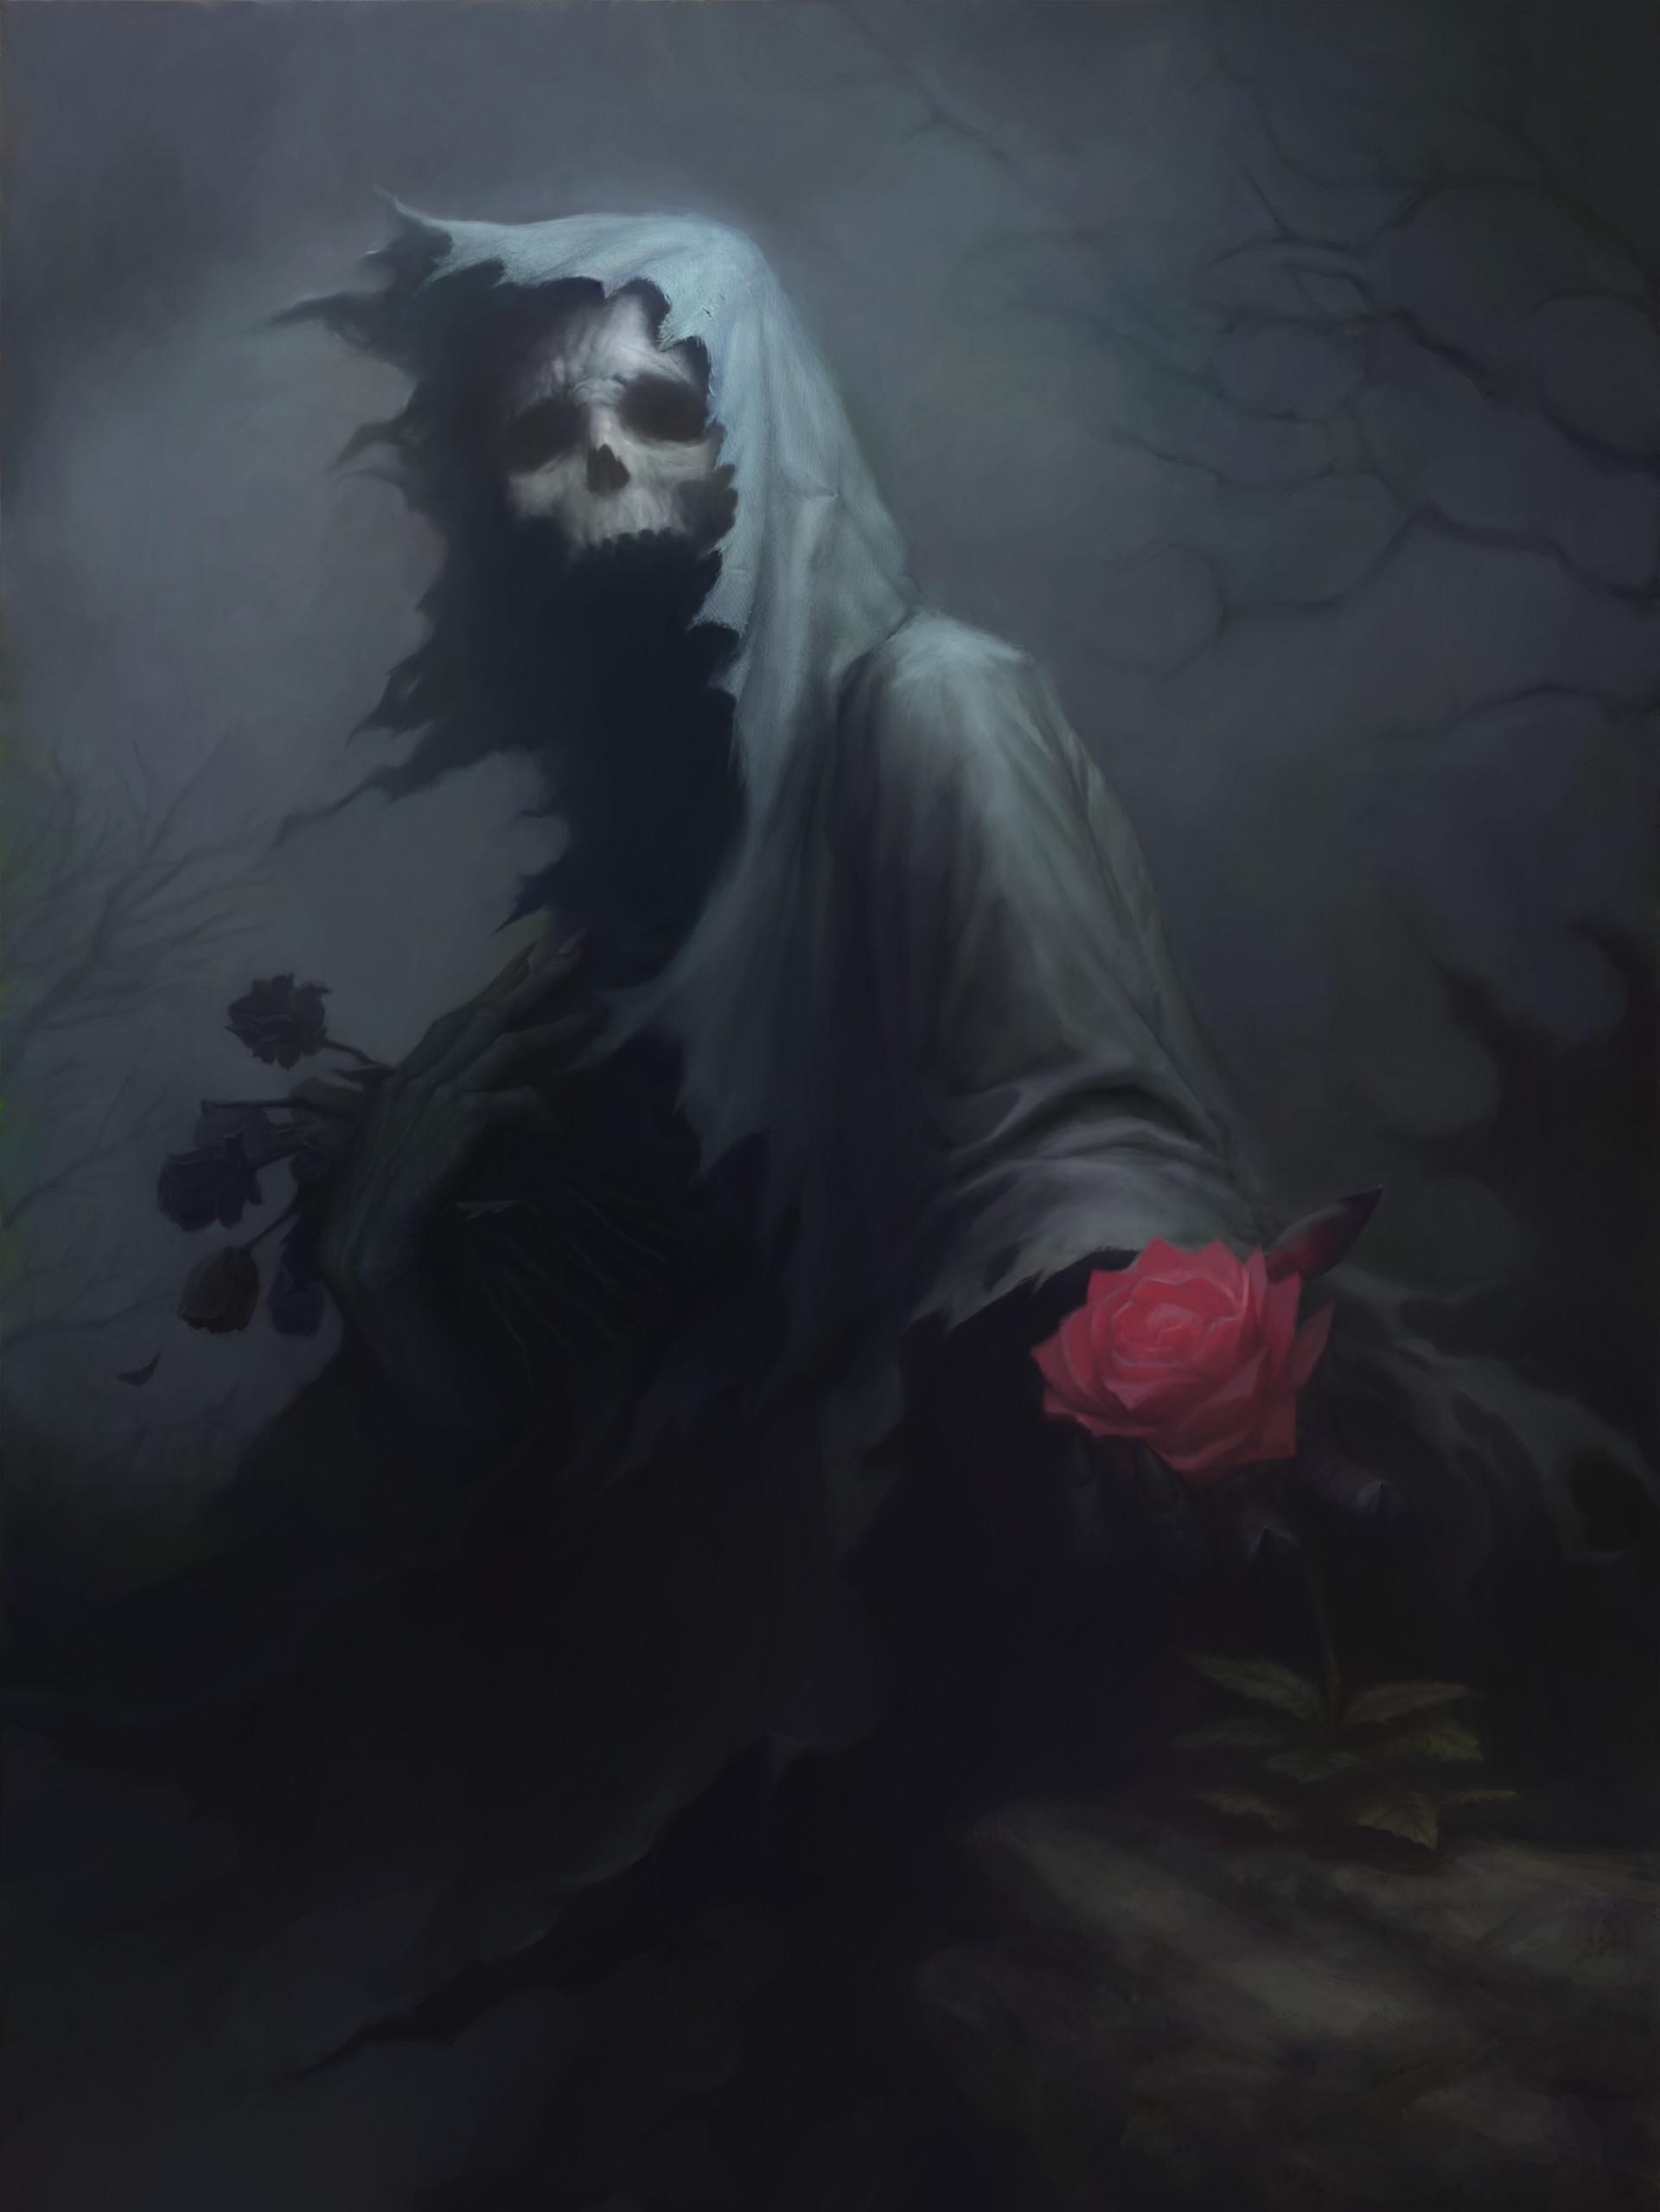 Wallpaper Drawing Fantasy Art Dark Rose Skull Death